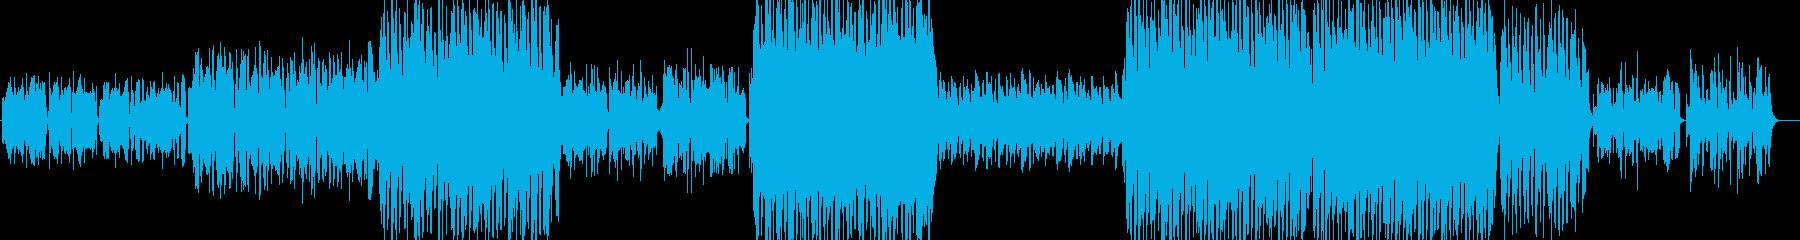 レトロな伝統的ワルツの再生済みの波形